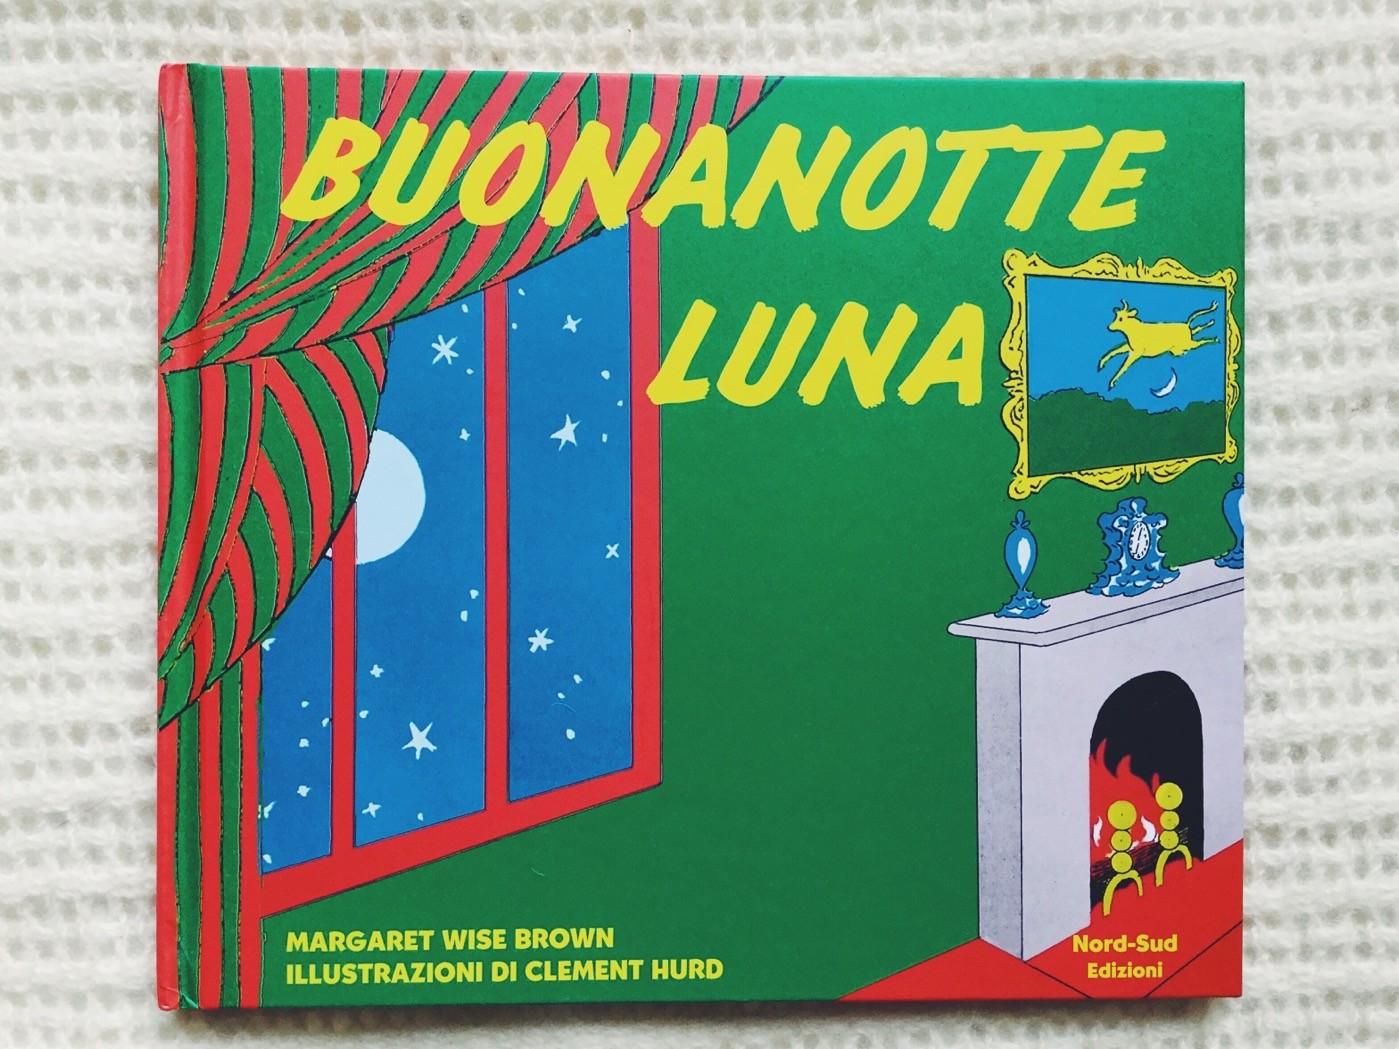 Buonanotte-luna-Margaret-Wise-Brown-Clement-Hurd-Nord-Sud-Edizioni-Galline-Volanti